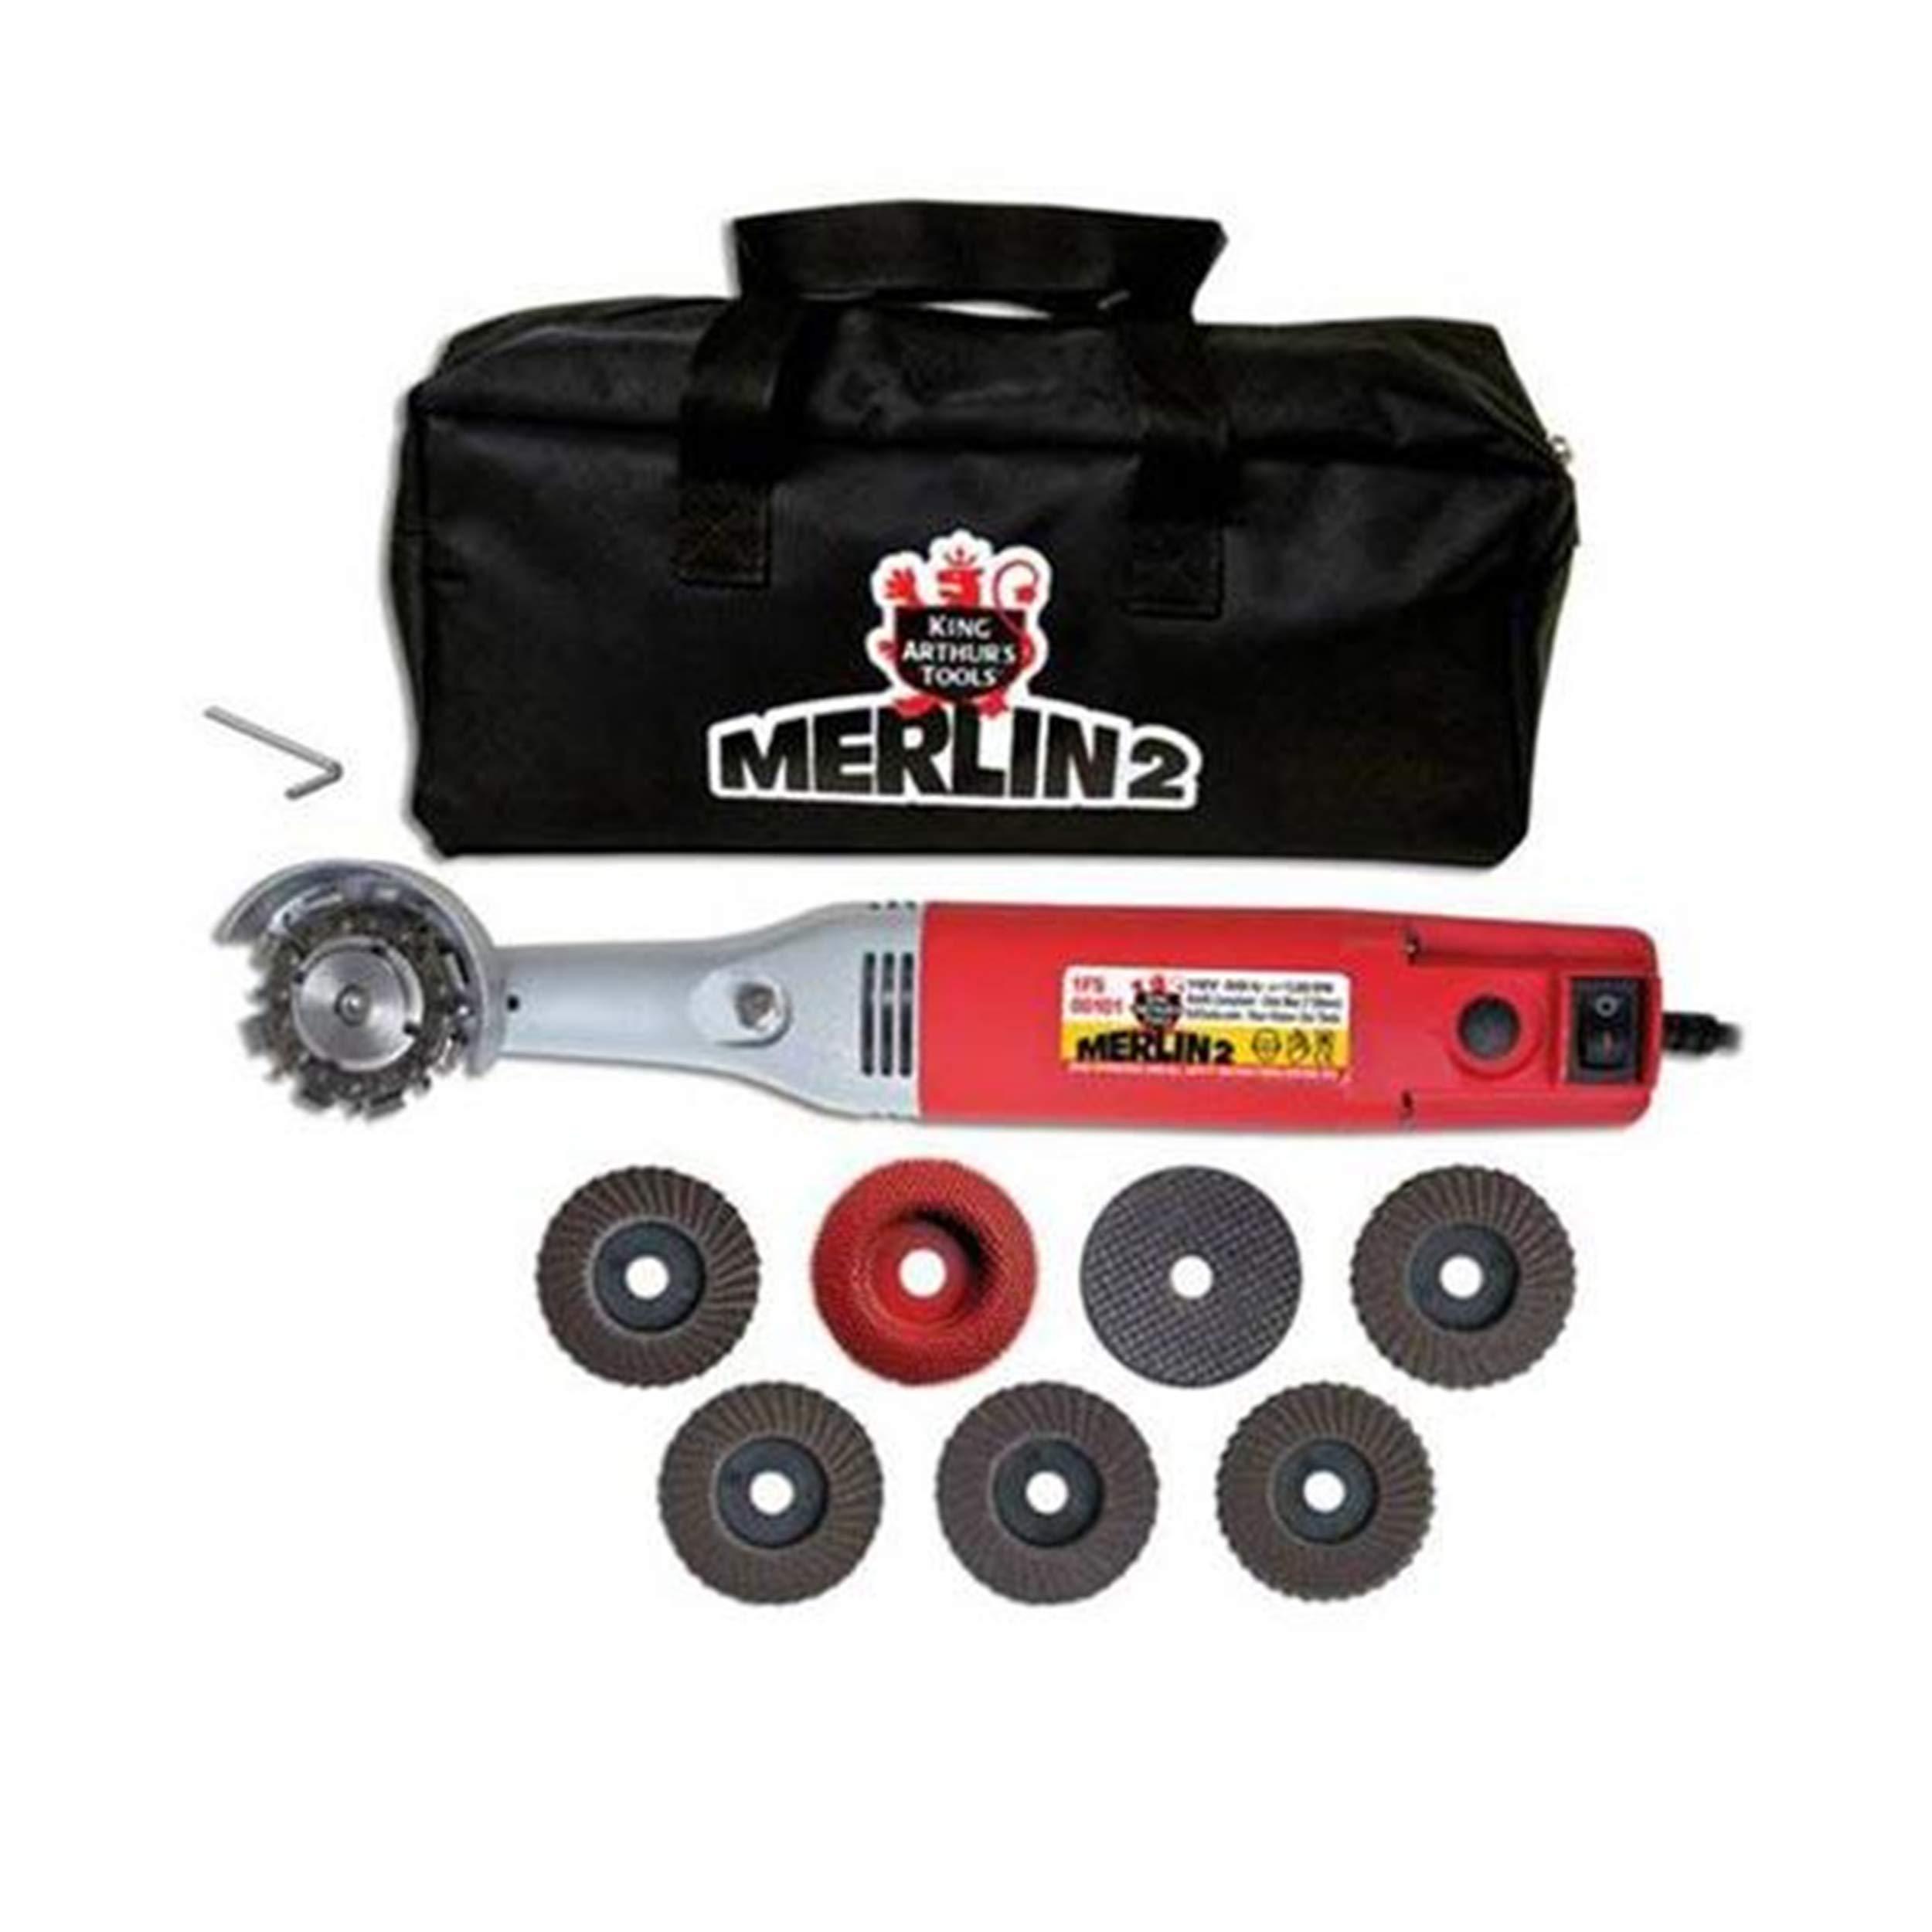 King Arthur Tools Merlin 2 Angle Grinder Kit